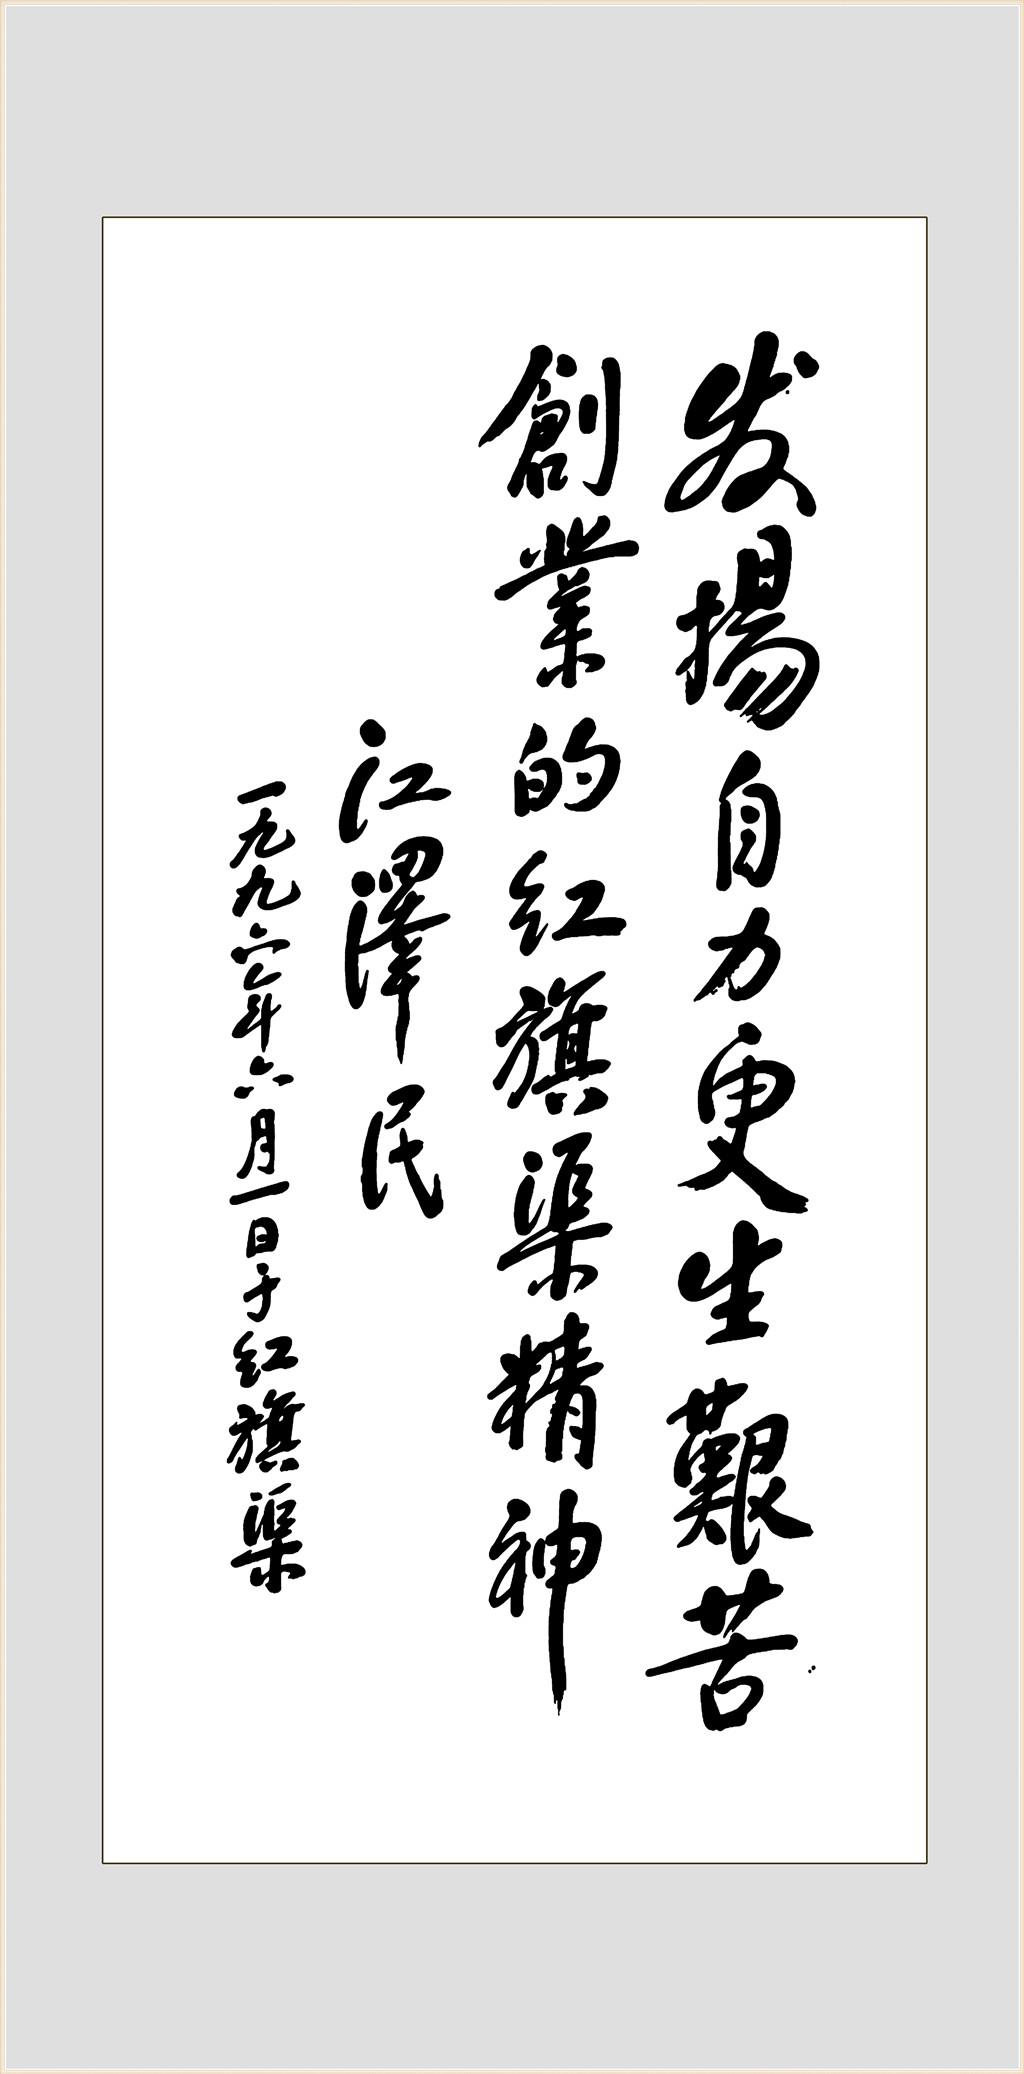 江泽民为红旗渠题词